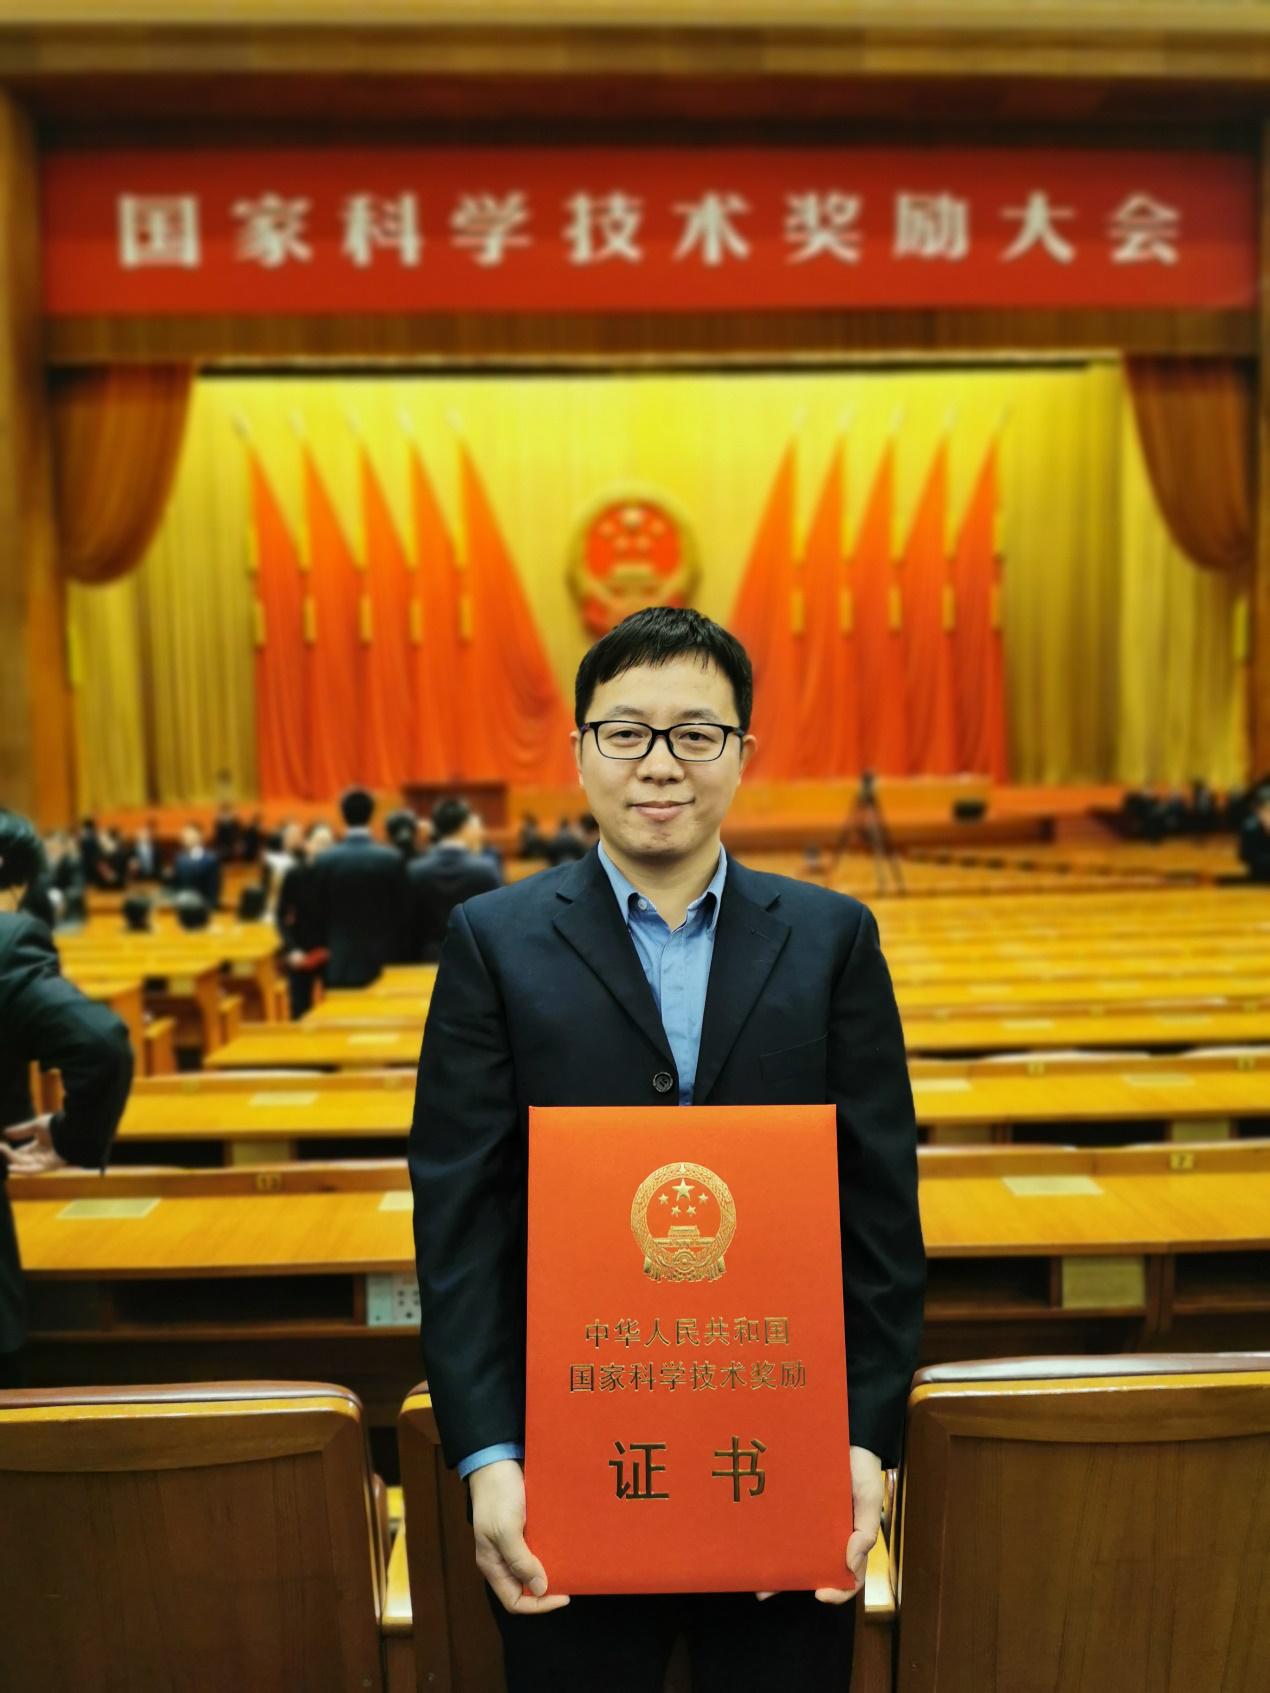 河北景县中学校友获得2019年国家科学技术奖